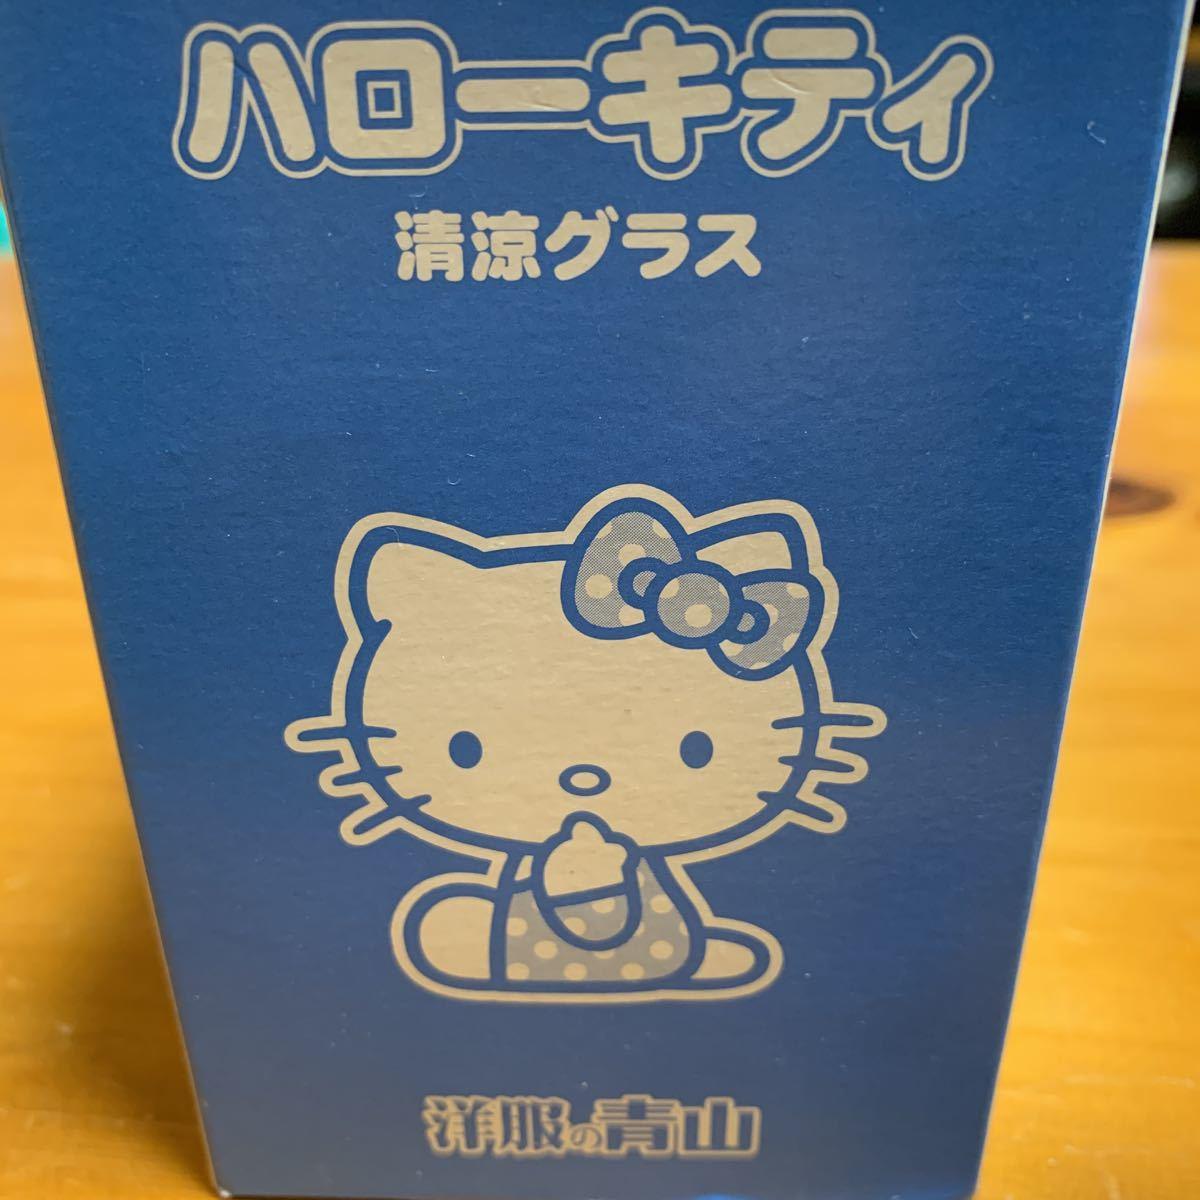 ハローキティ 清涼グラス 1個 洋服の青山 ノベルティ新品 未使用品 送料無料_画像4